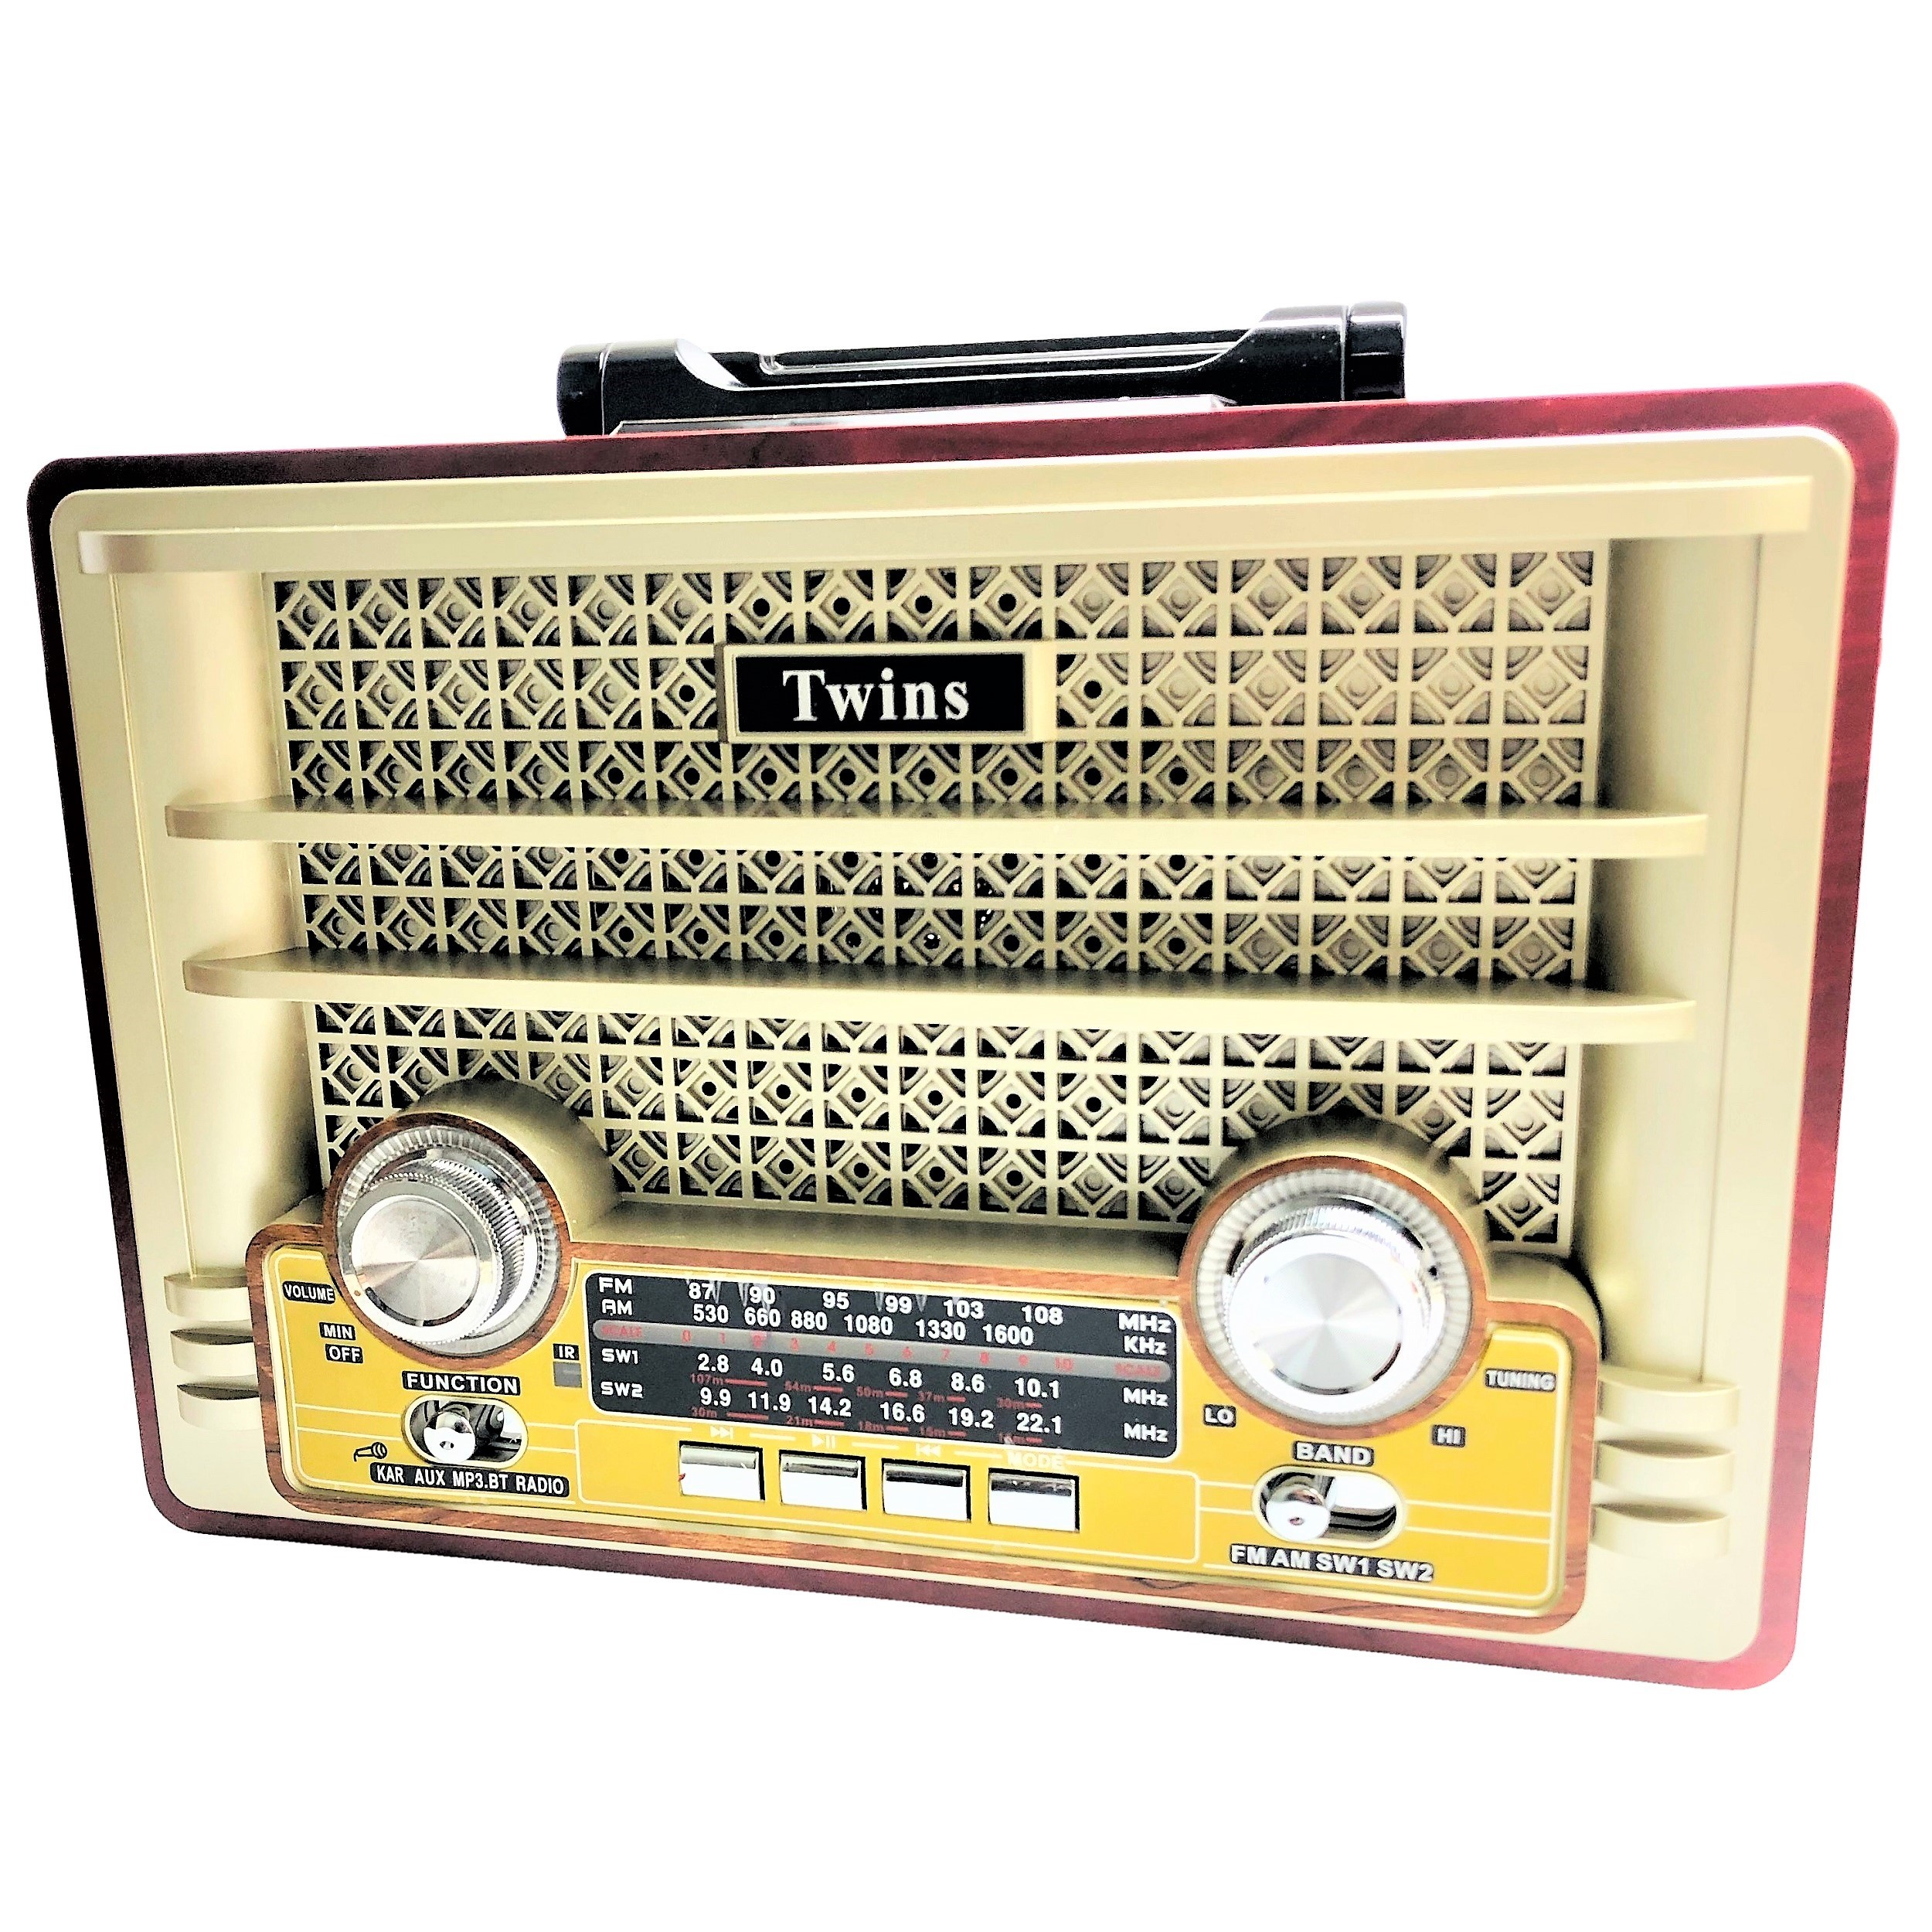 رادیو توینس مدل 1480BT